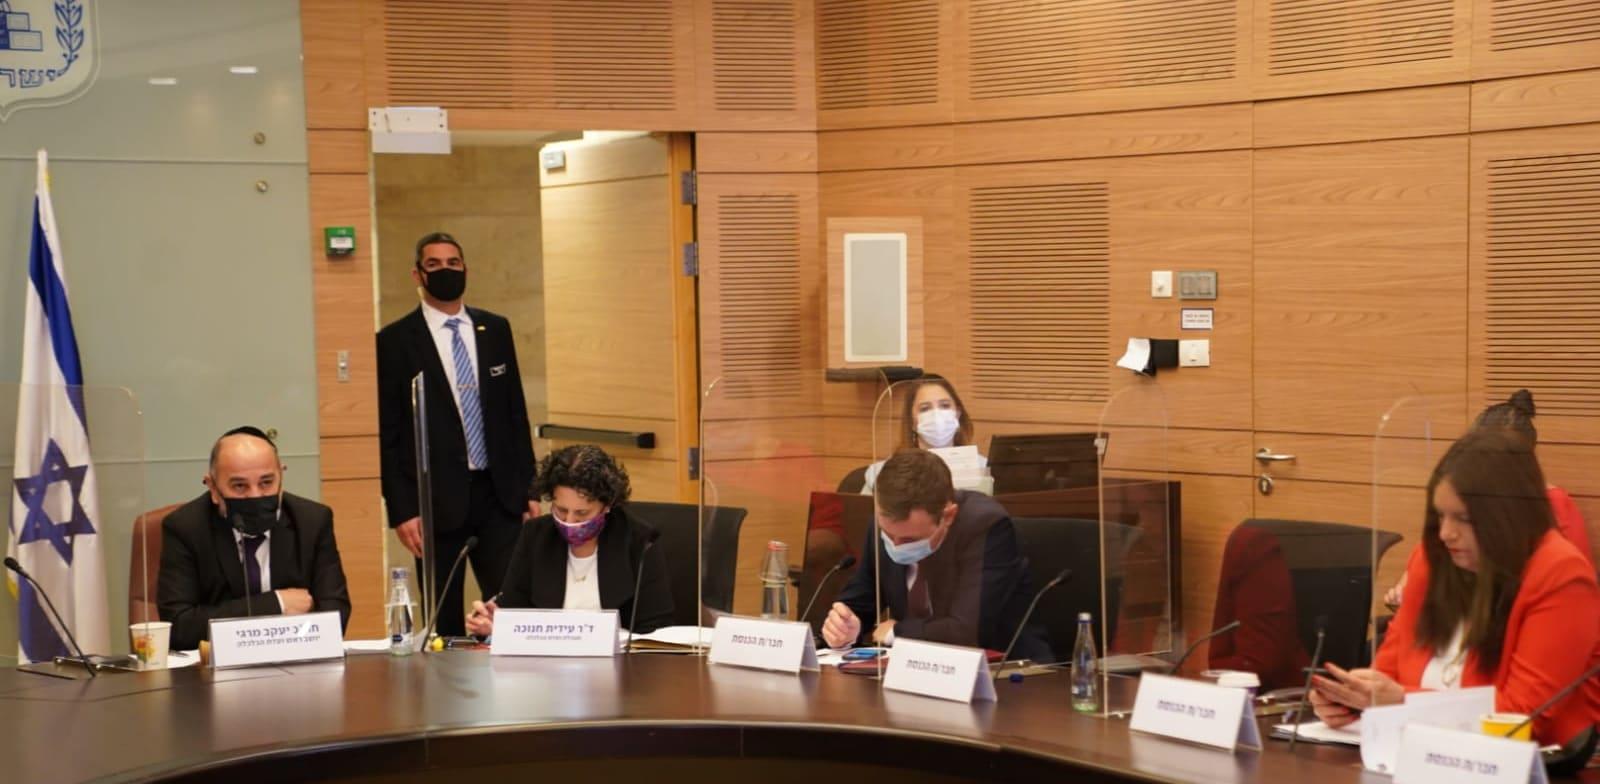 דיון בוועדת הכלכלה על ענף התעופה בישראל / צילום: דני שם טוב, דוברות הכנסת